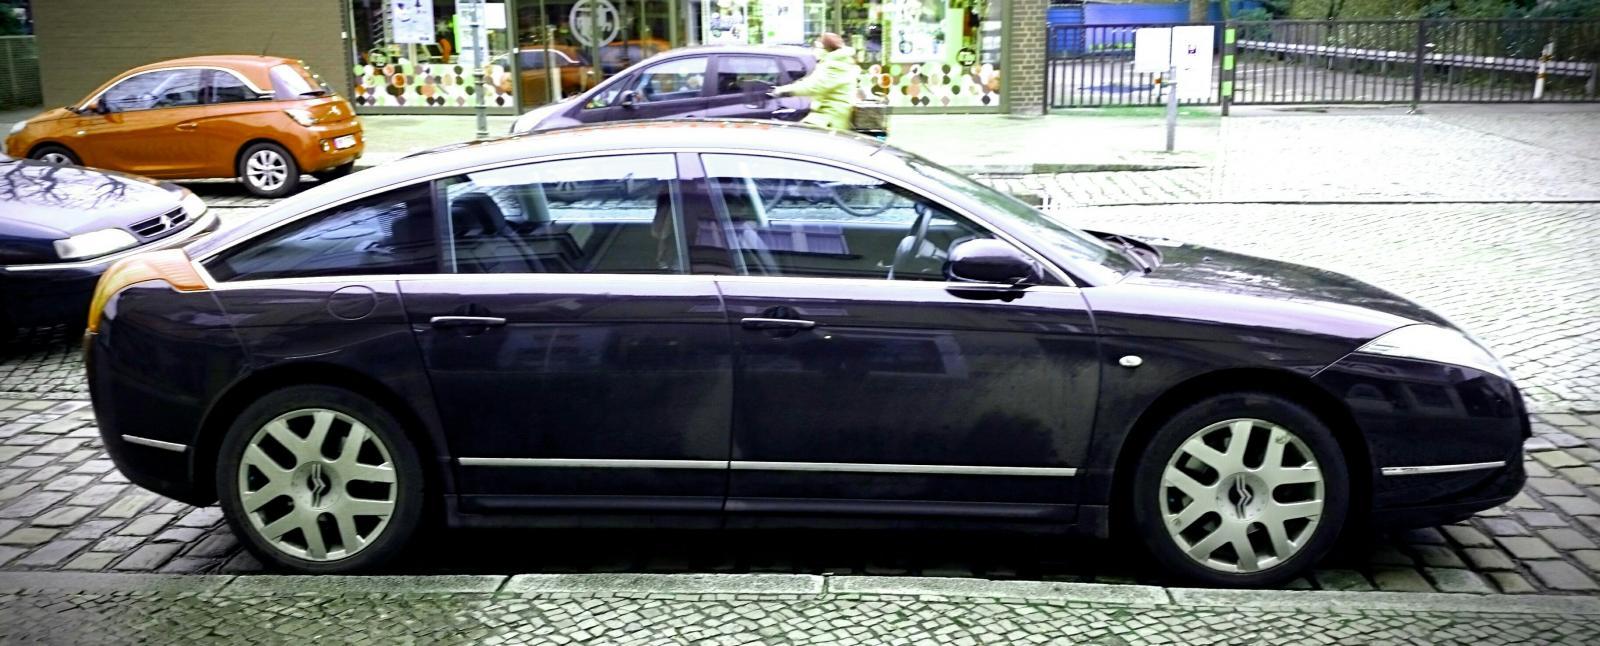 large.c6heinsestrasse.JPG.0906cf0bc88108b8ab629c57da75ba5c.JPG